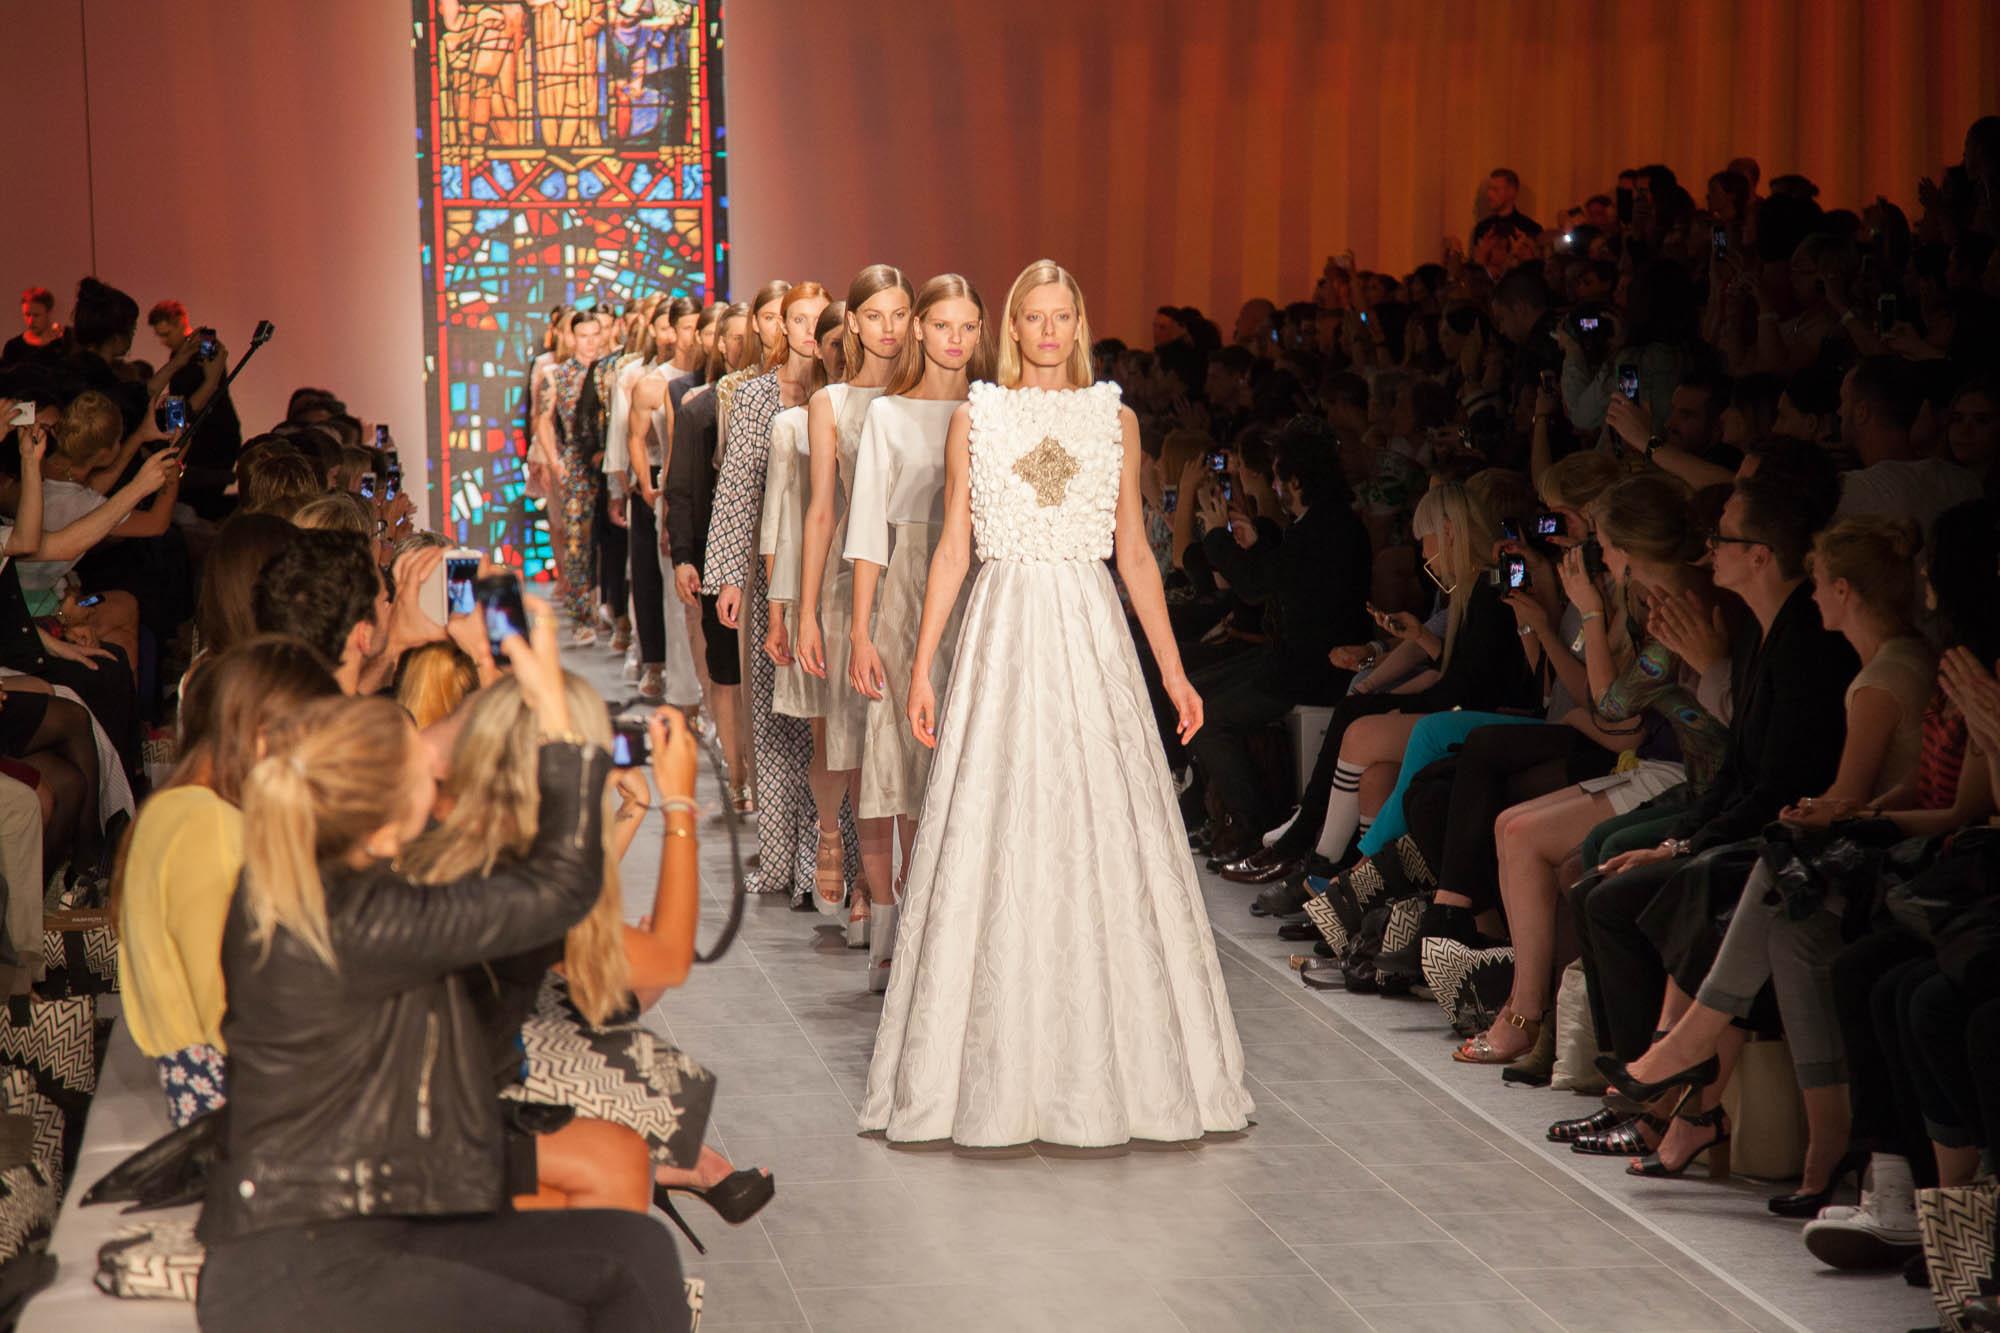 20140708-Fashionweek-kiliankerner-08